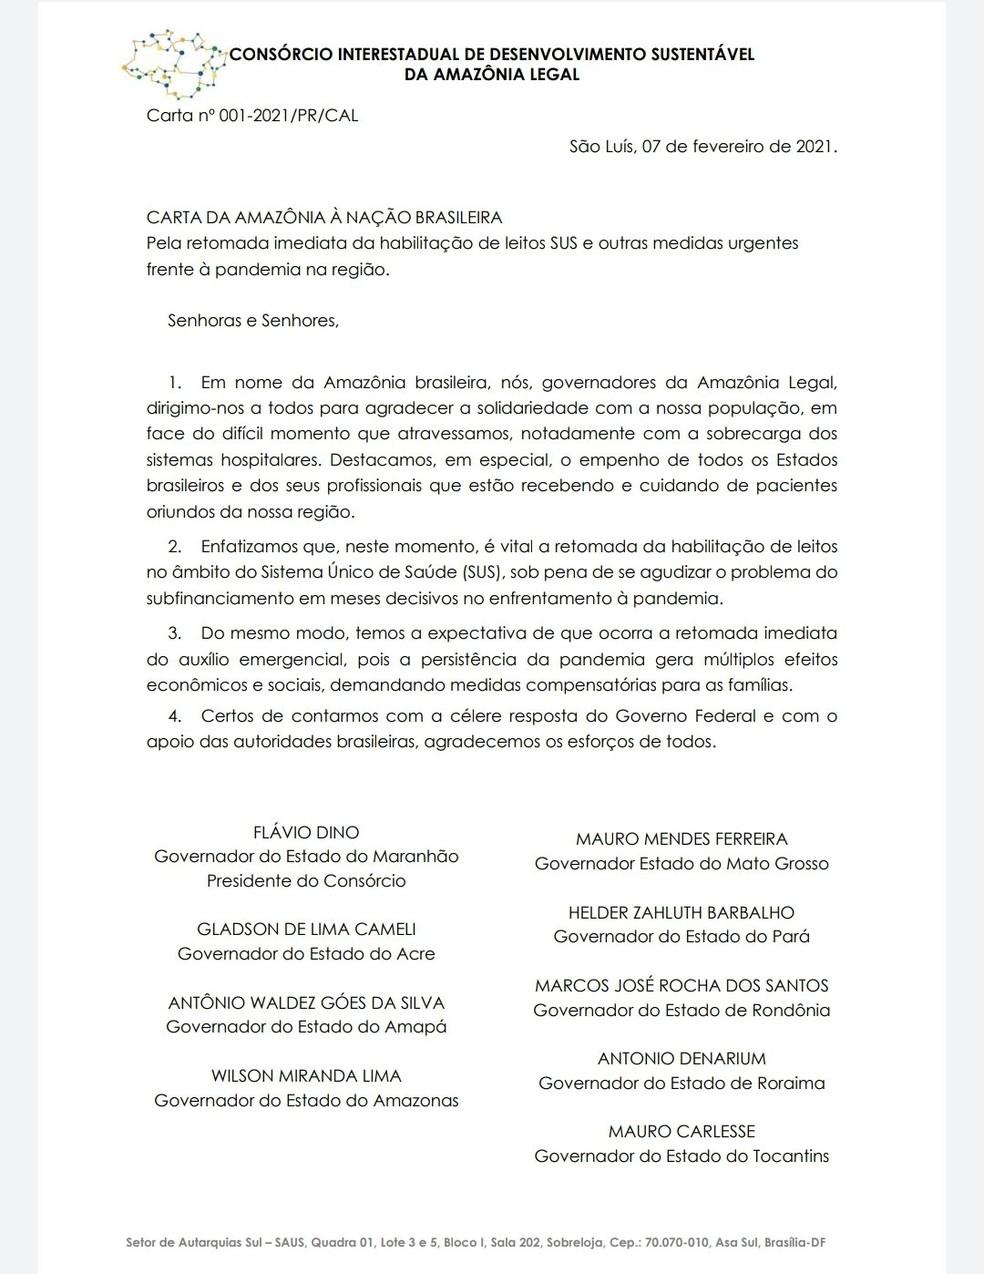 Governadores da Amazônia Legal cobram habilitação de leitos da Covid-19 e retorno de auxílio emergencial — Foto: Twitter/Reprodução